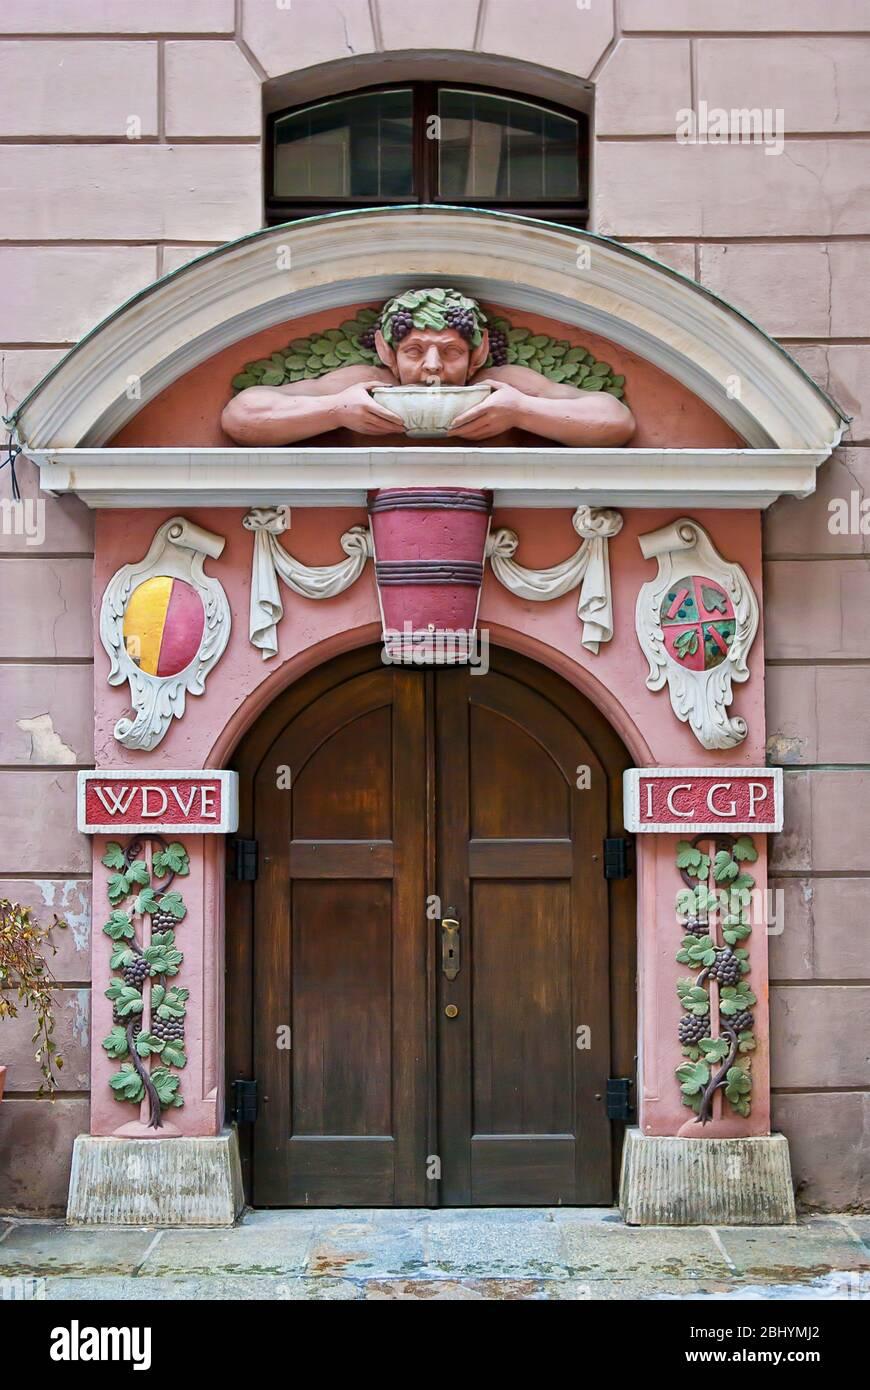 Entrée historique d'une cave à vin dans la vieille ville de Dresde, Saxe, Allemagne. Banque D'Images